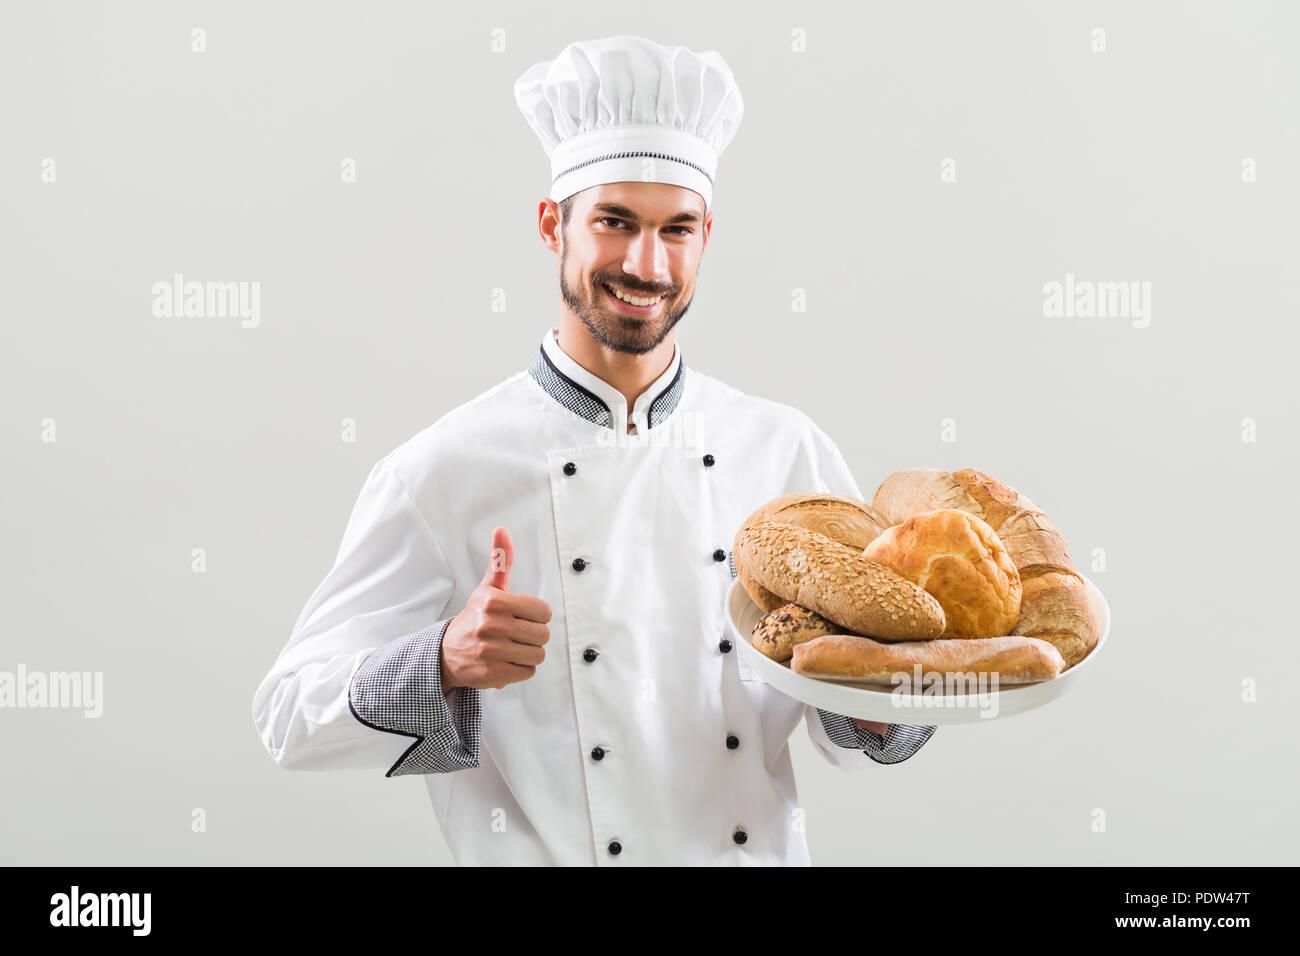 Baker celebración manojo de pan y mostrando el pulgar hacia arriba sobre fondo gris. Imagen De Stock